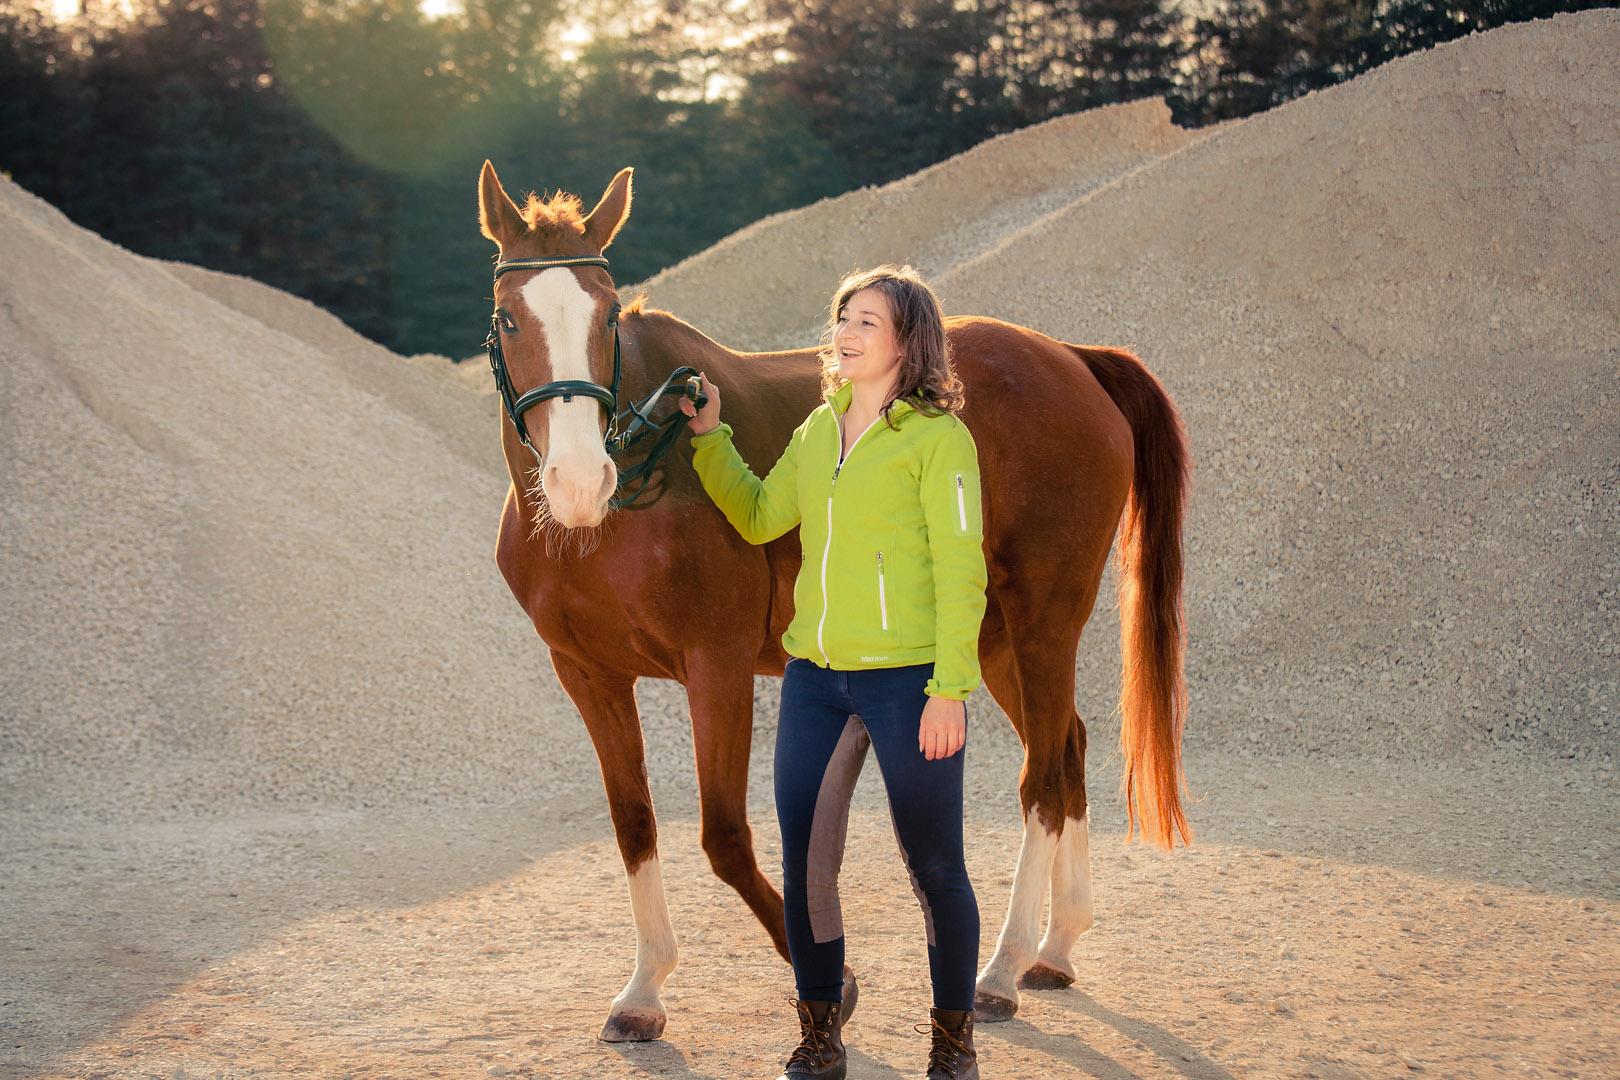 tierfotograf-pferde-outdoorshooting-der-fotograf-nürnberg.jpg